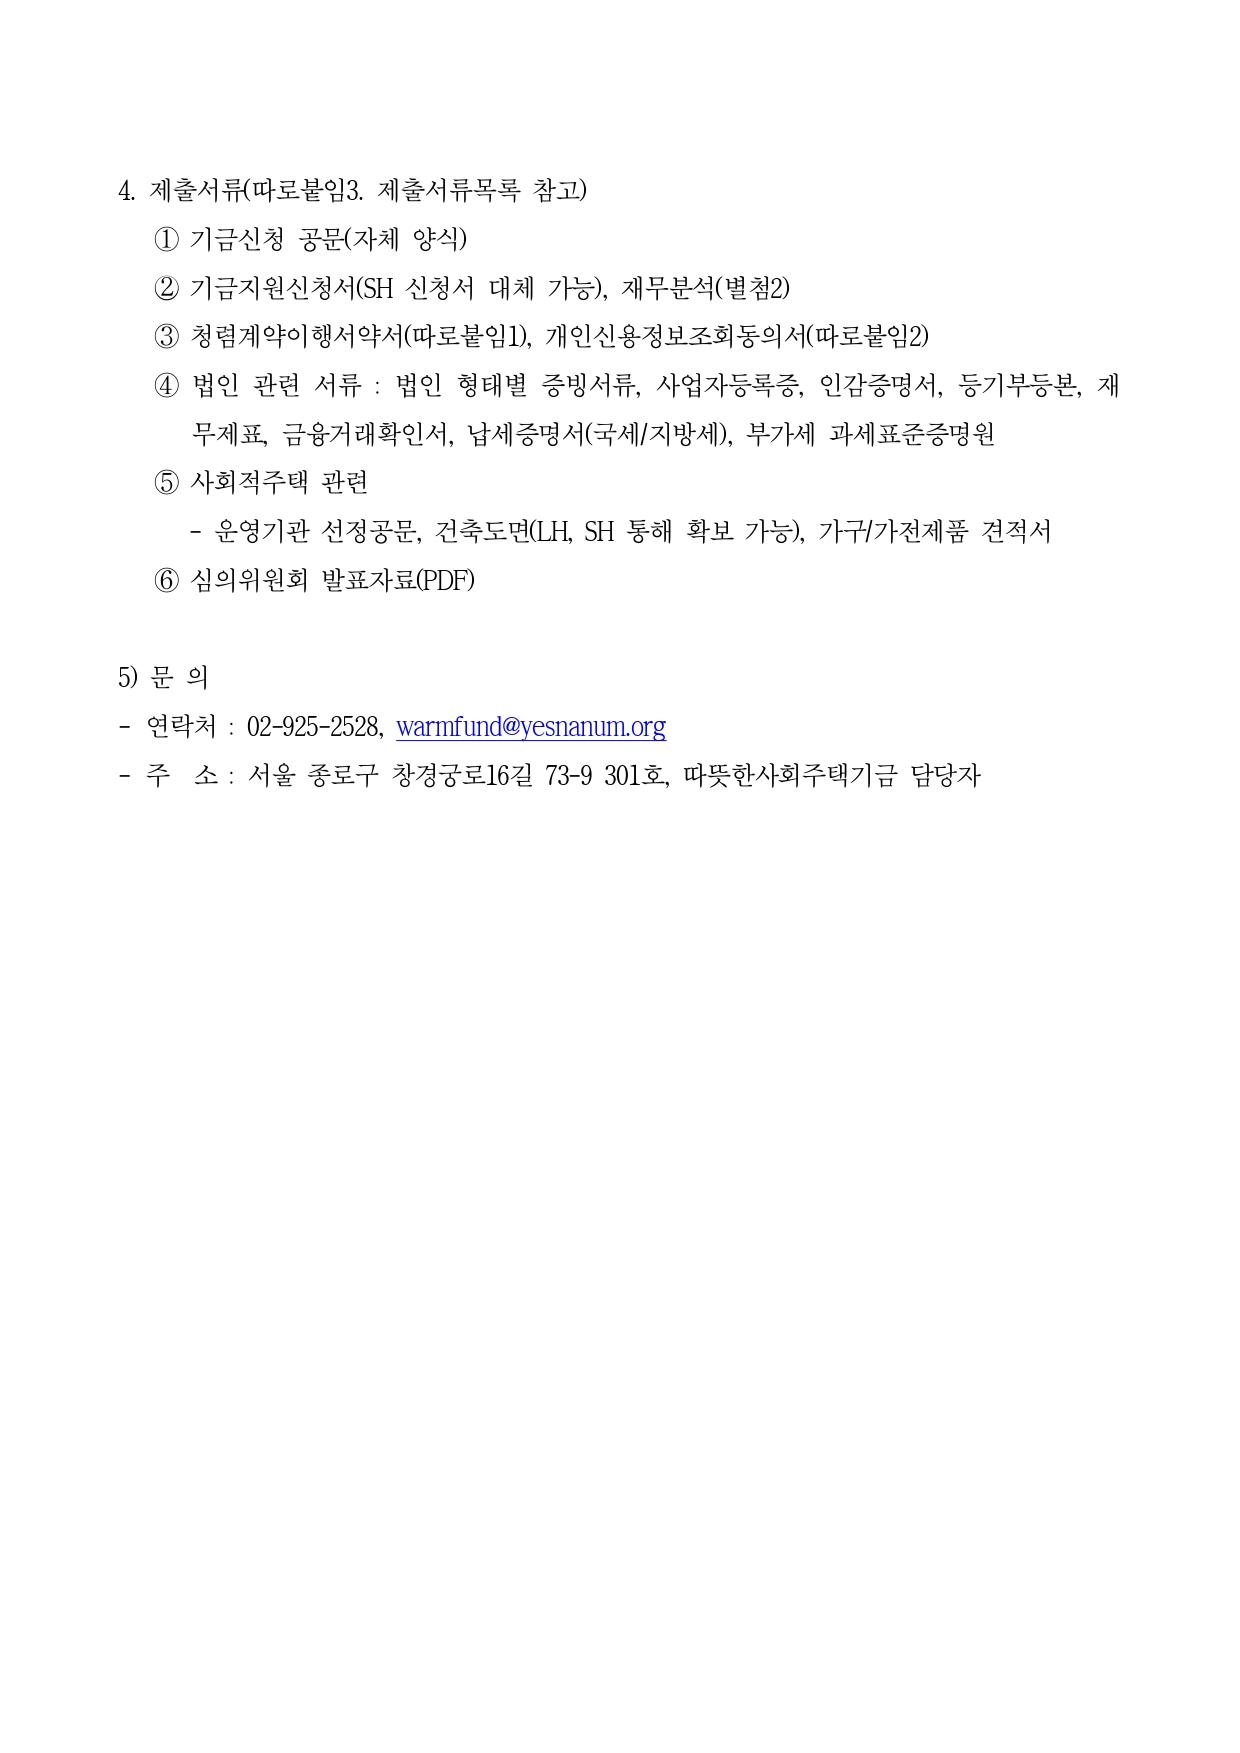 따뜻한사회주택기금 사회적주택 사업 융자 안내_201204_pages-to-jpg-0003.jpg